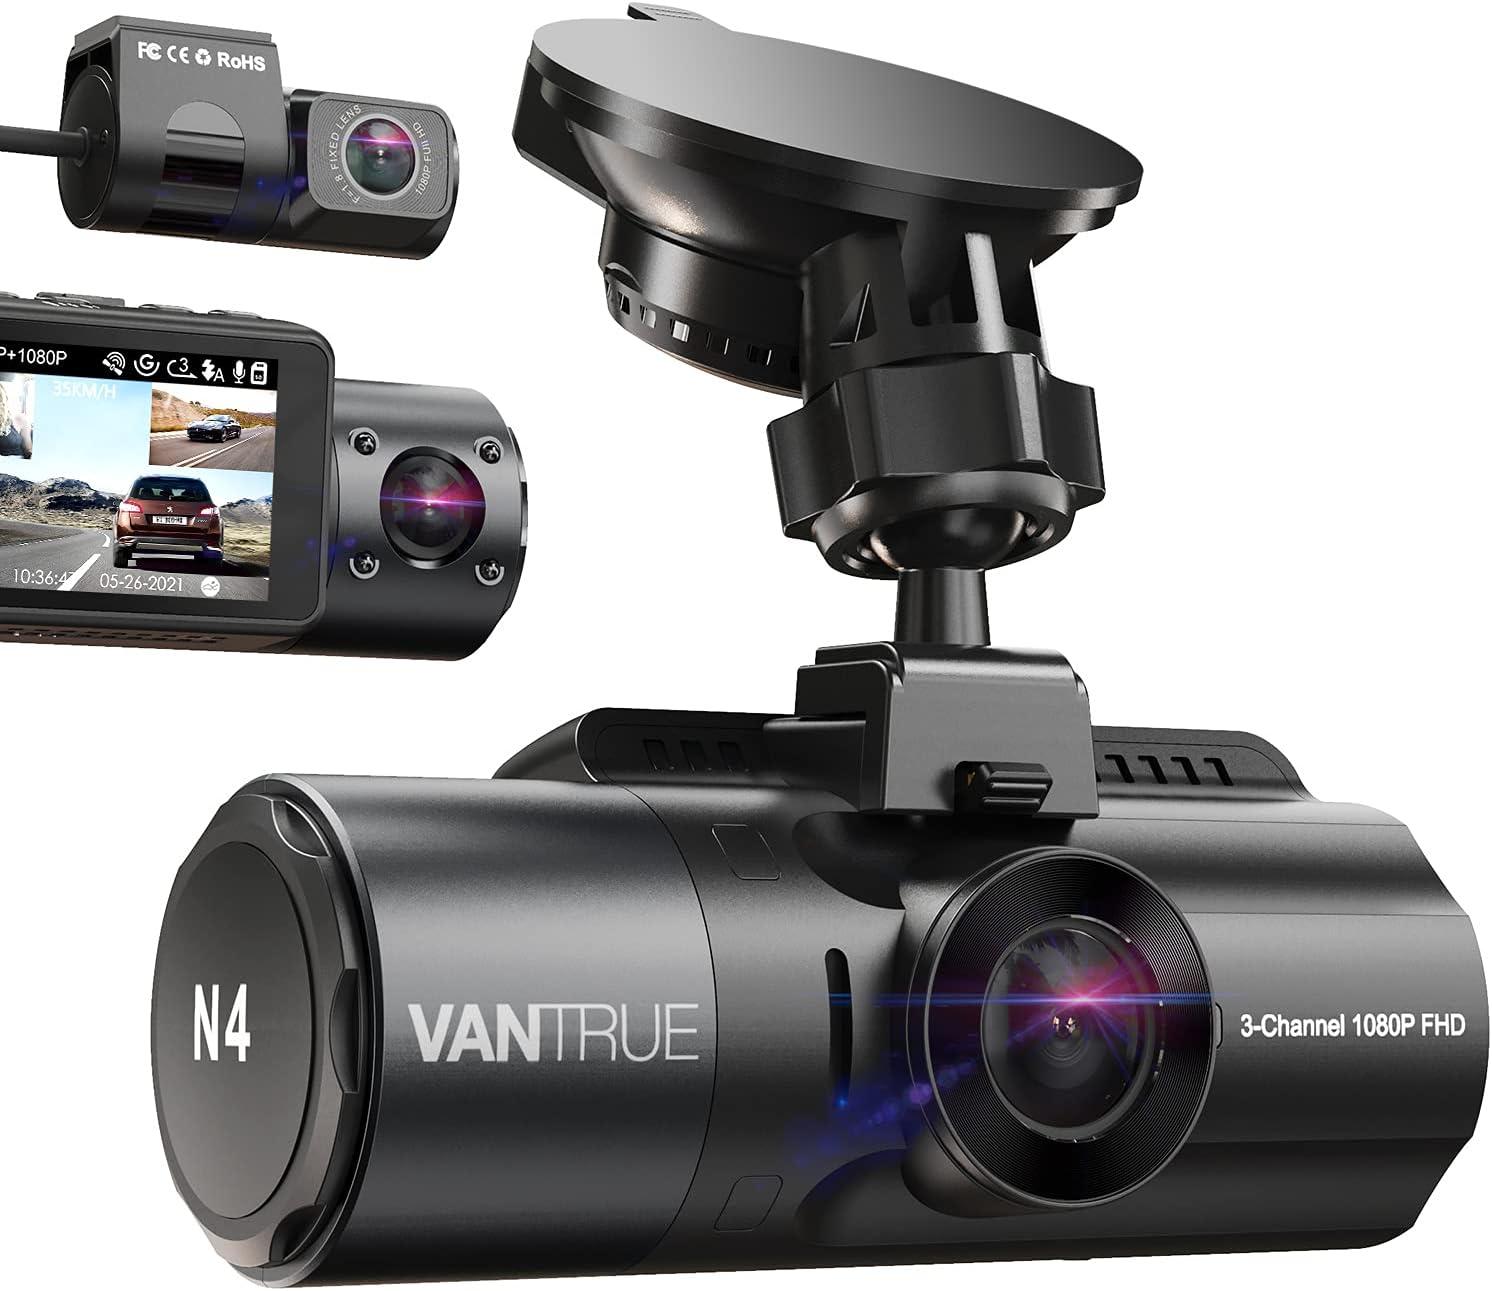 Vantrue 3-Channel Dash Cam